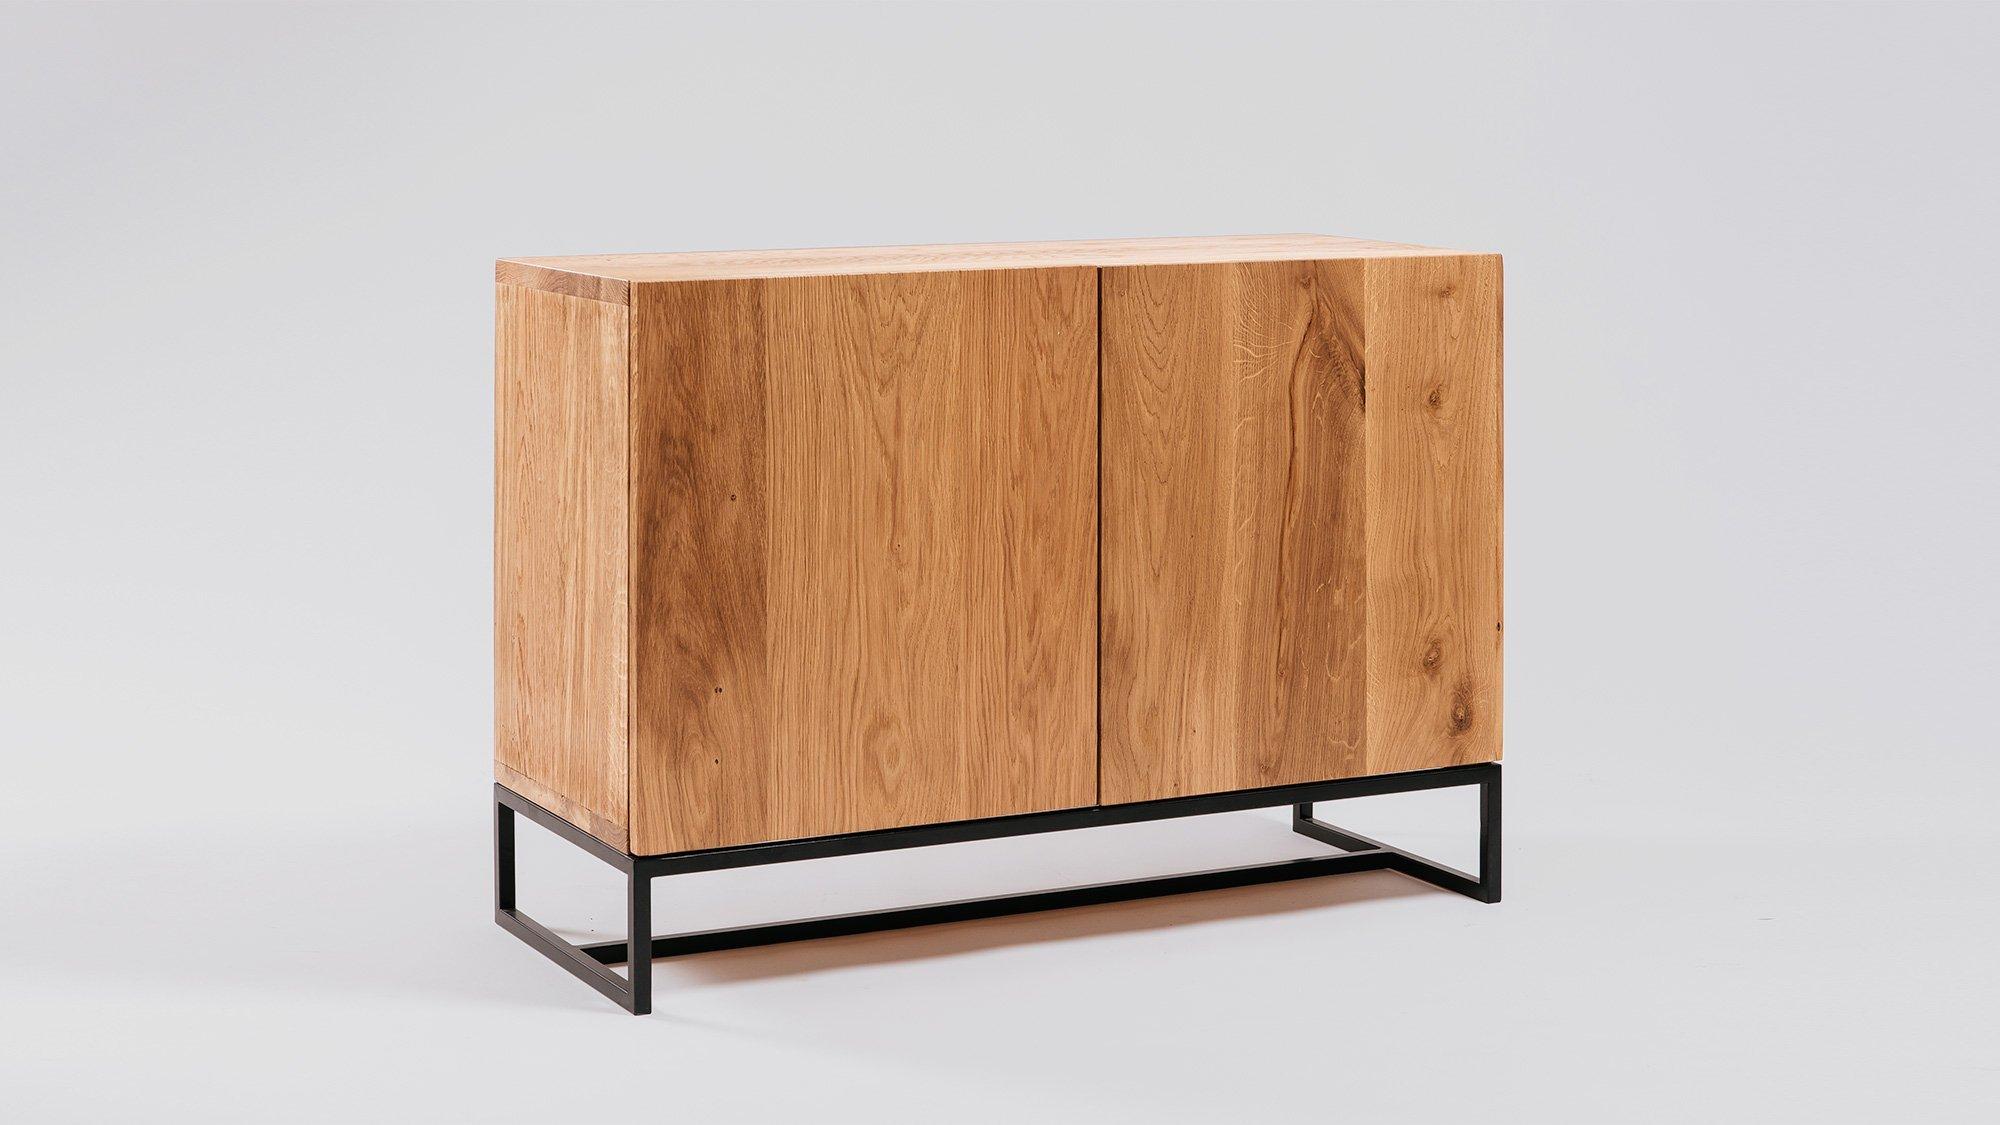 Muebles a Medida  Muebles de Diseo  Bois et Fer